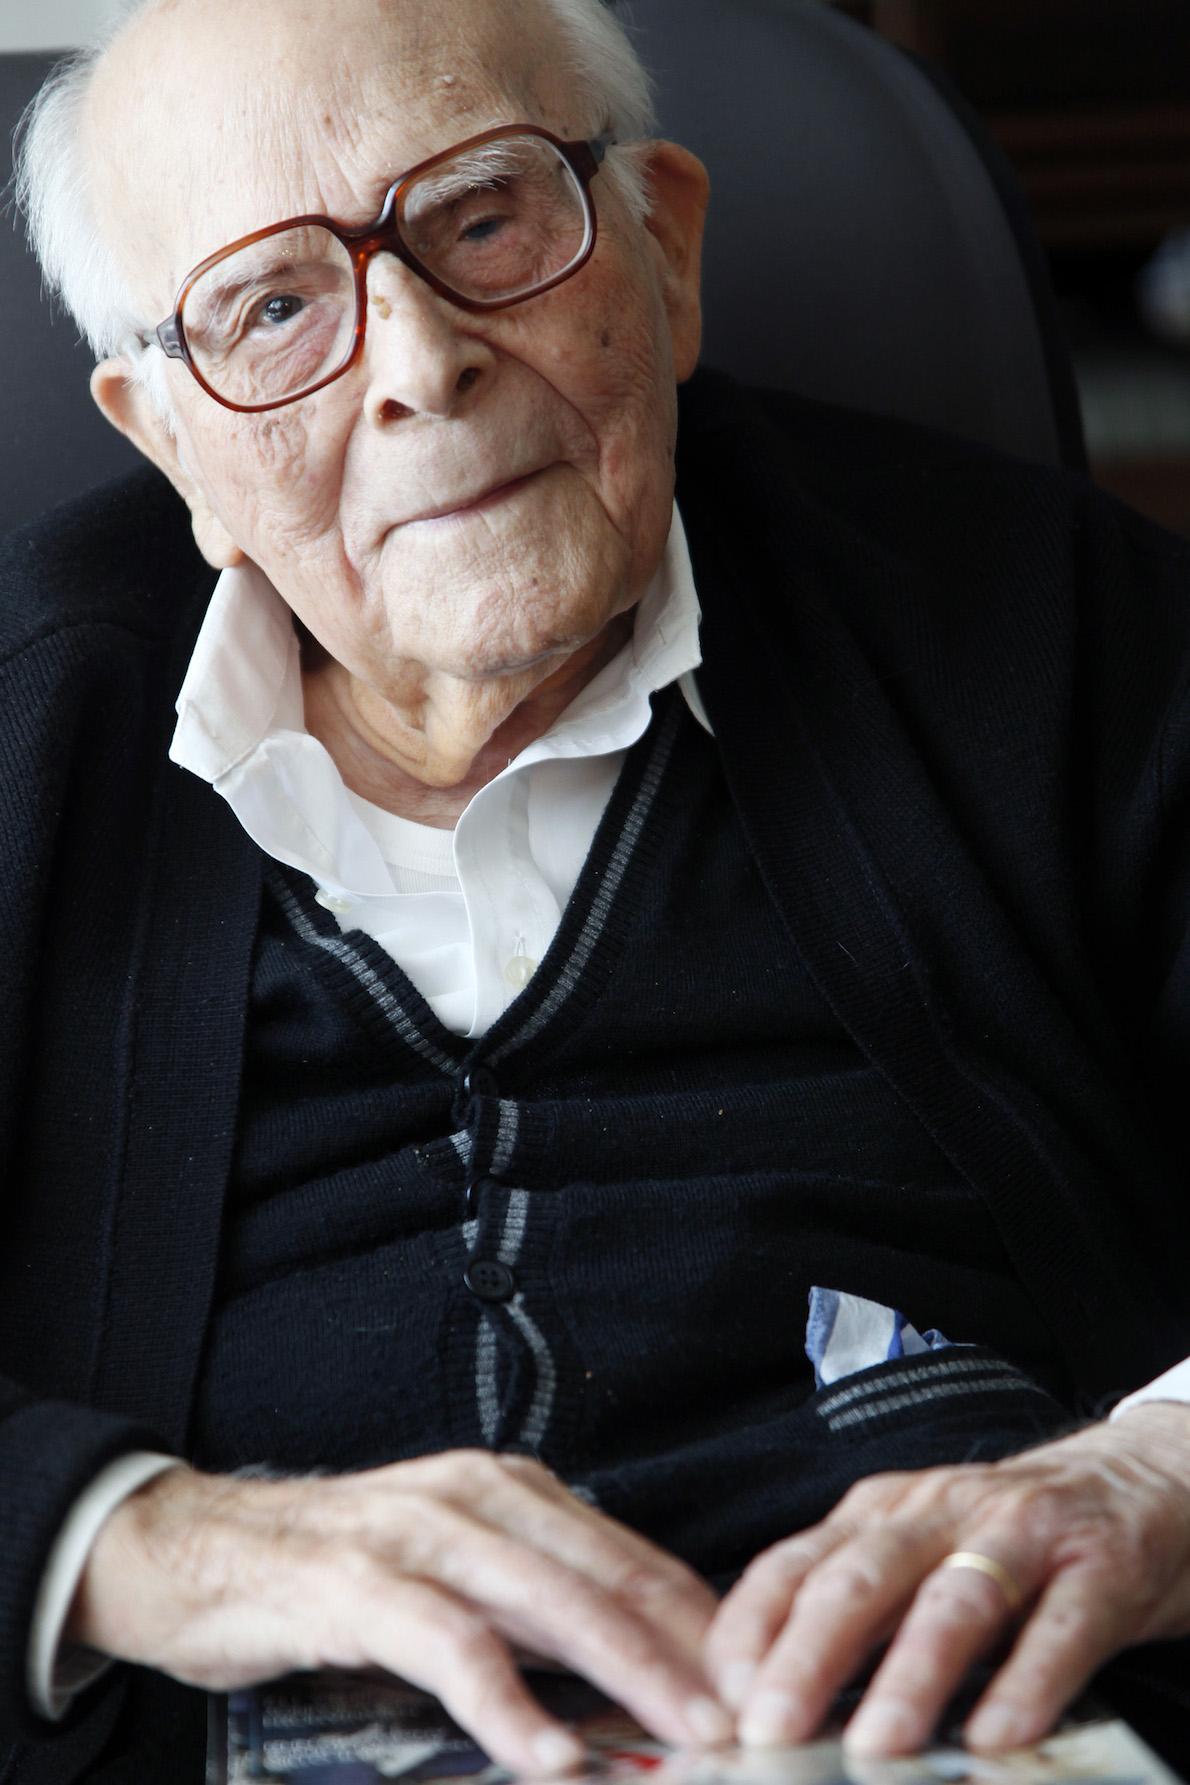 Μία από τις τελευταίες φωτογραφίες του Εμμανουήλ Κριαρά, σε ηλικία 107 ετών. Credit: Λευθέρης Πλακίδας / Άγγελος Ζυμαράς, για το περιοδικό Status.